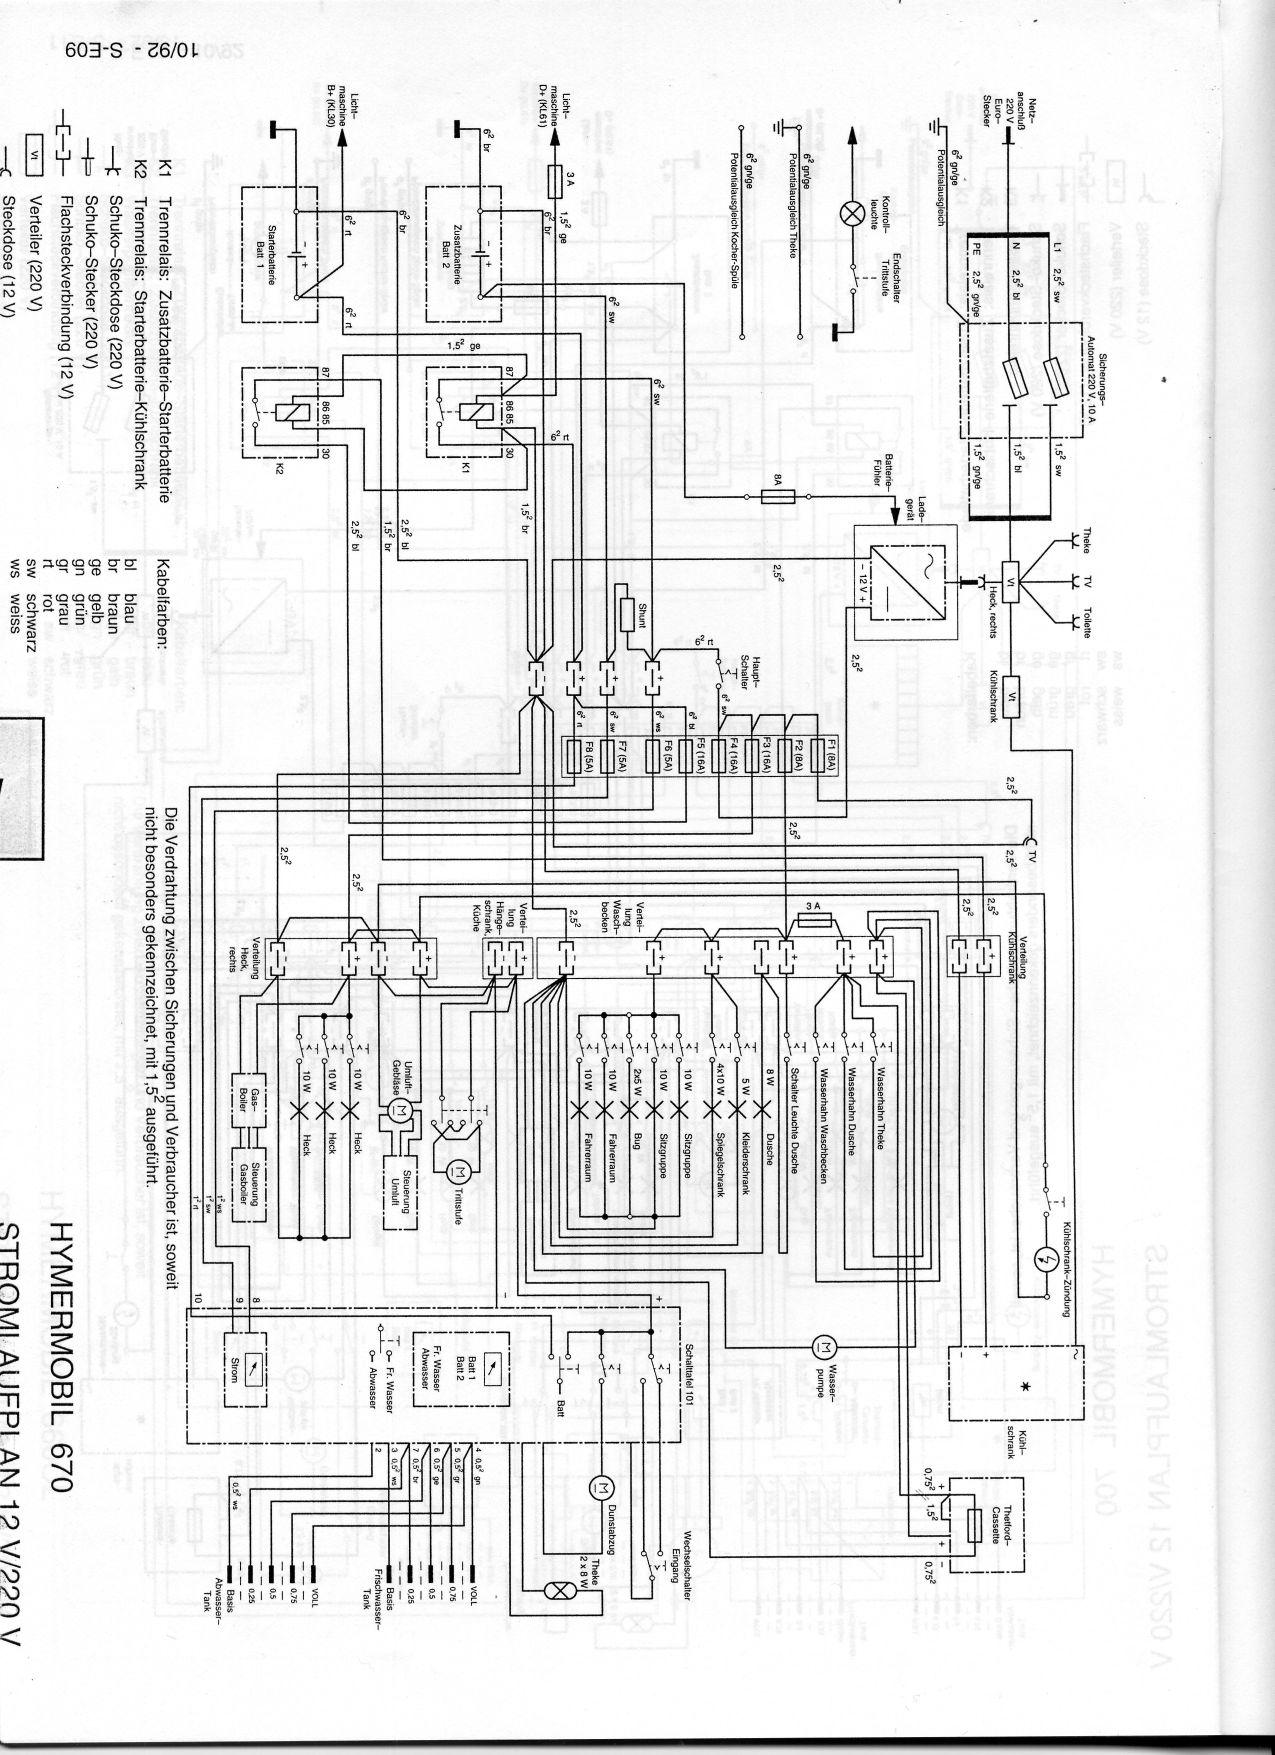 Groß Kenmore Kühlschrank Schaltplan Bilder - Elektrische Schaltplan ...